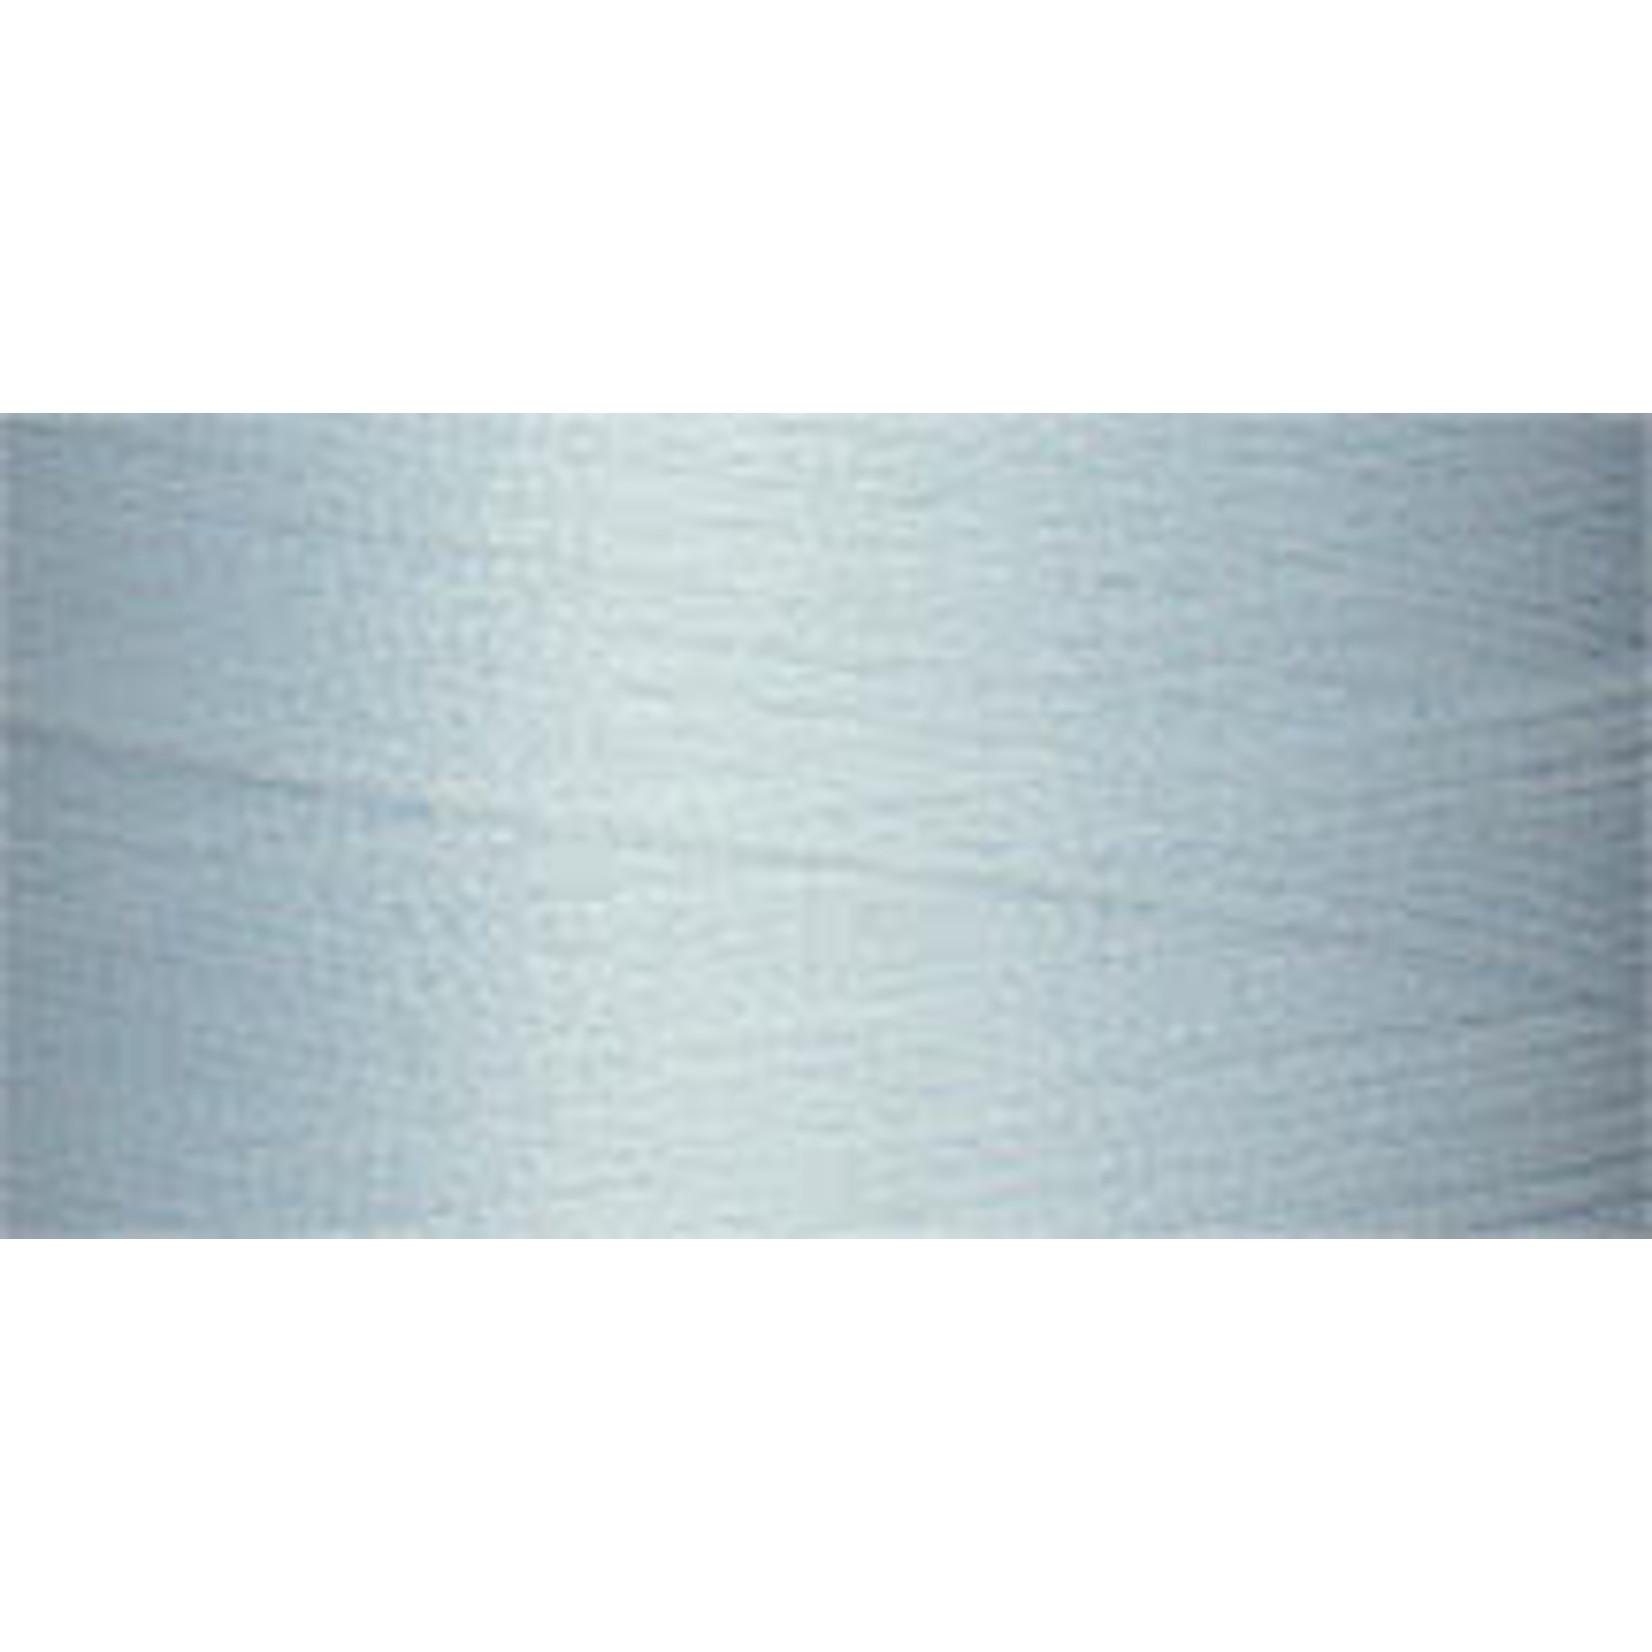 Superior Threads Bottom Line - #60 - 1300 m - 634 Baby Blue